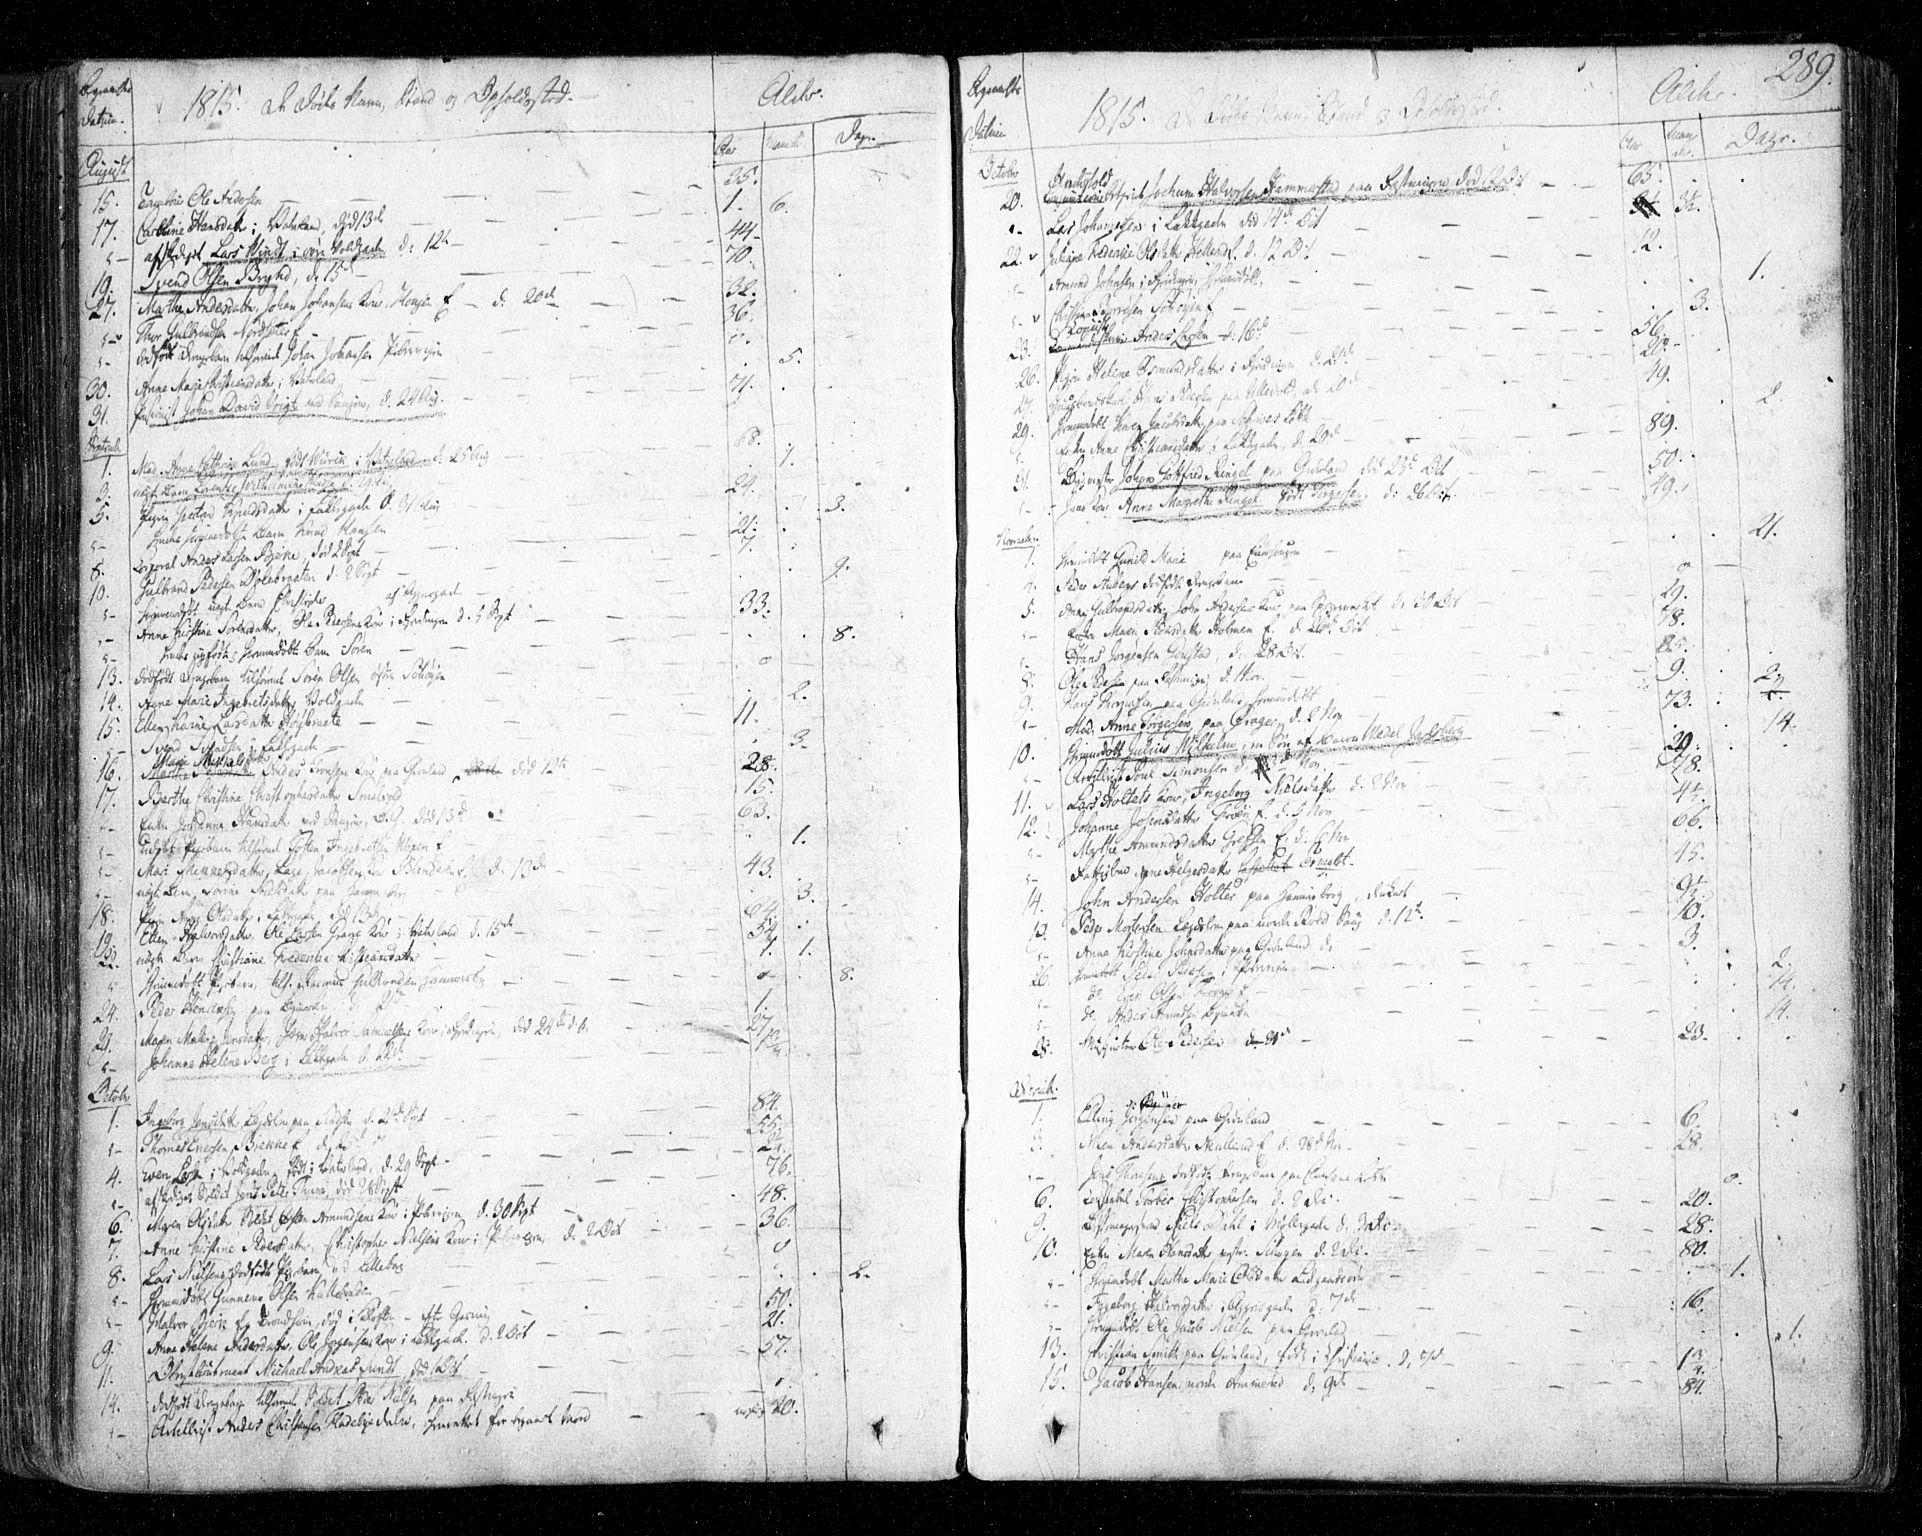 SAO, Aker prestekontor kirkebøker, F/L0011: Ministerialbok nr. 11, 1810-1819, s. 289